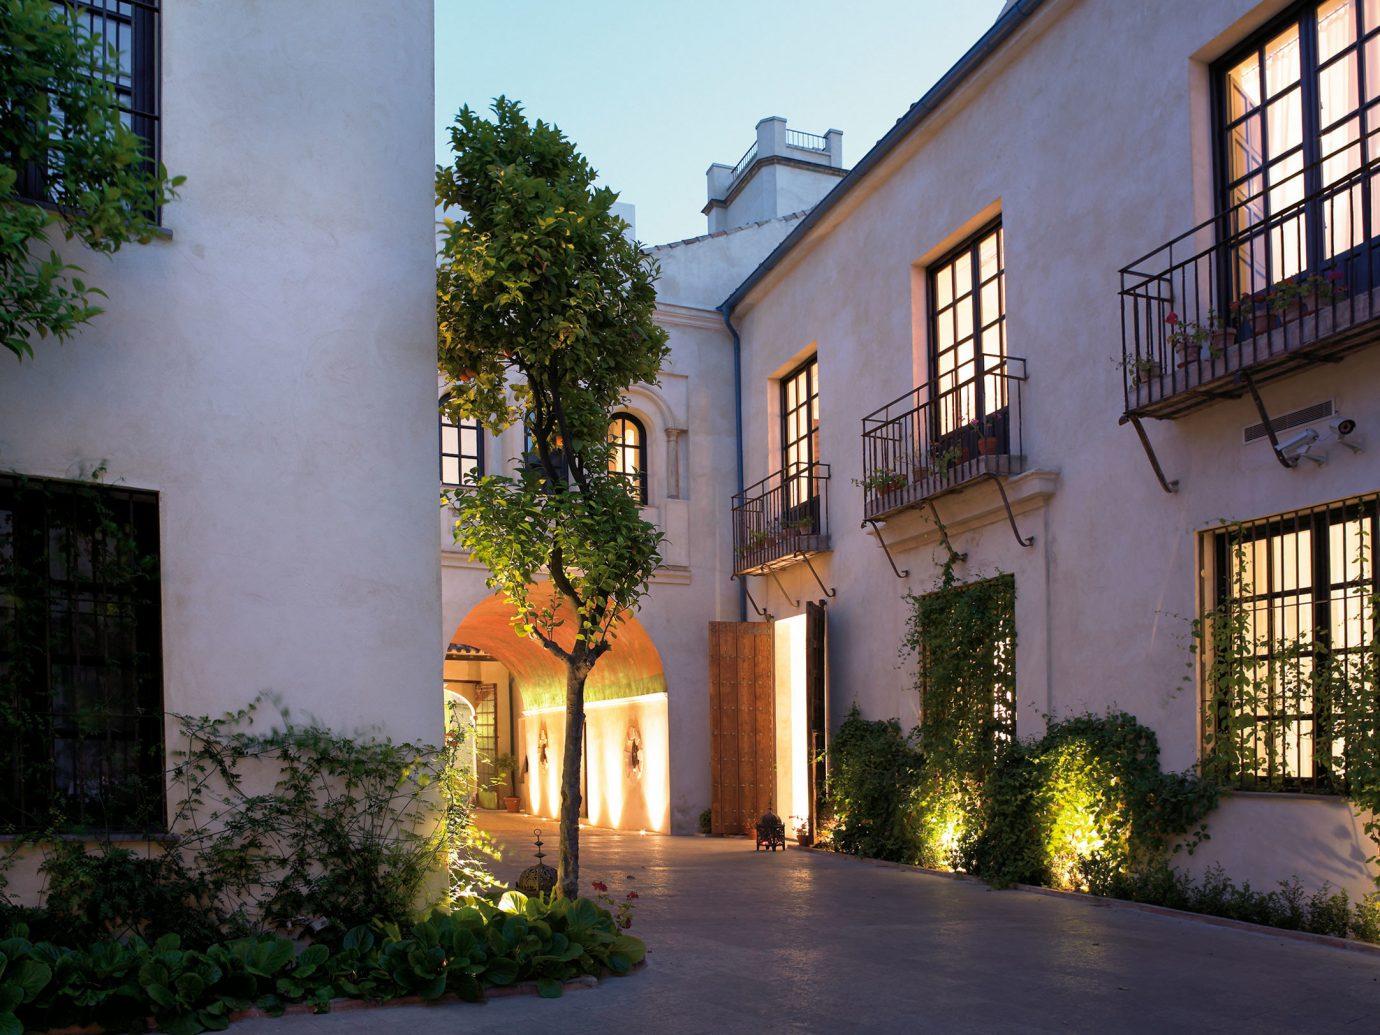 Hospes Palacio del Bailío